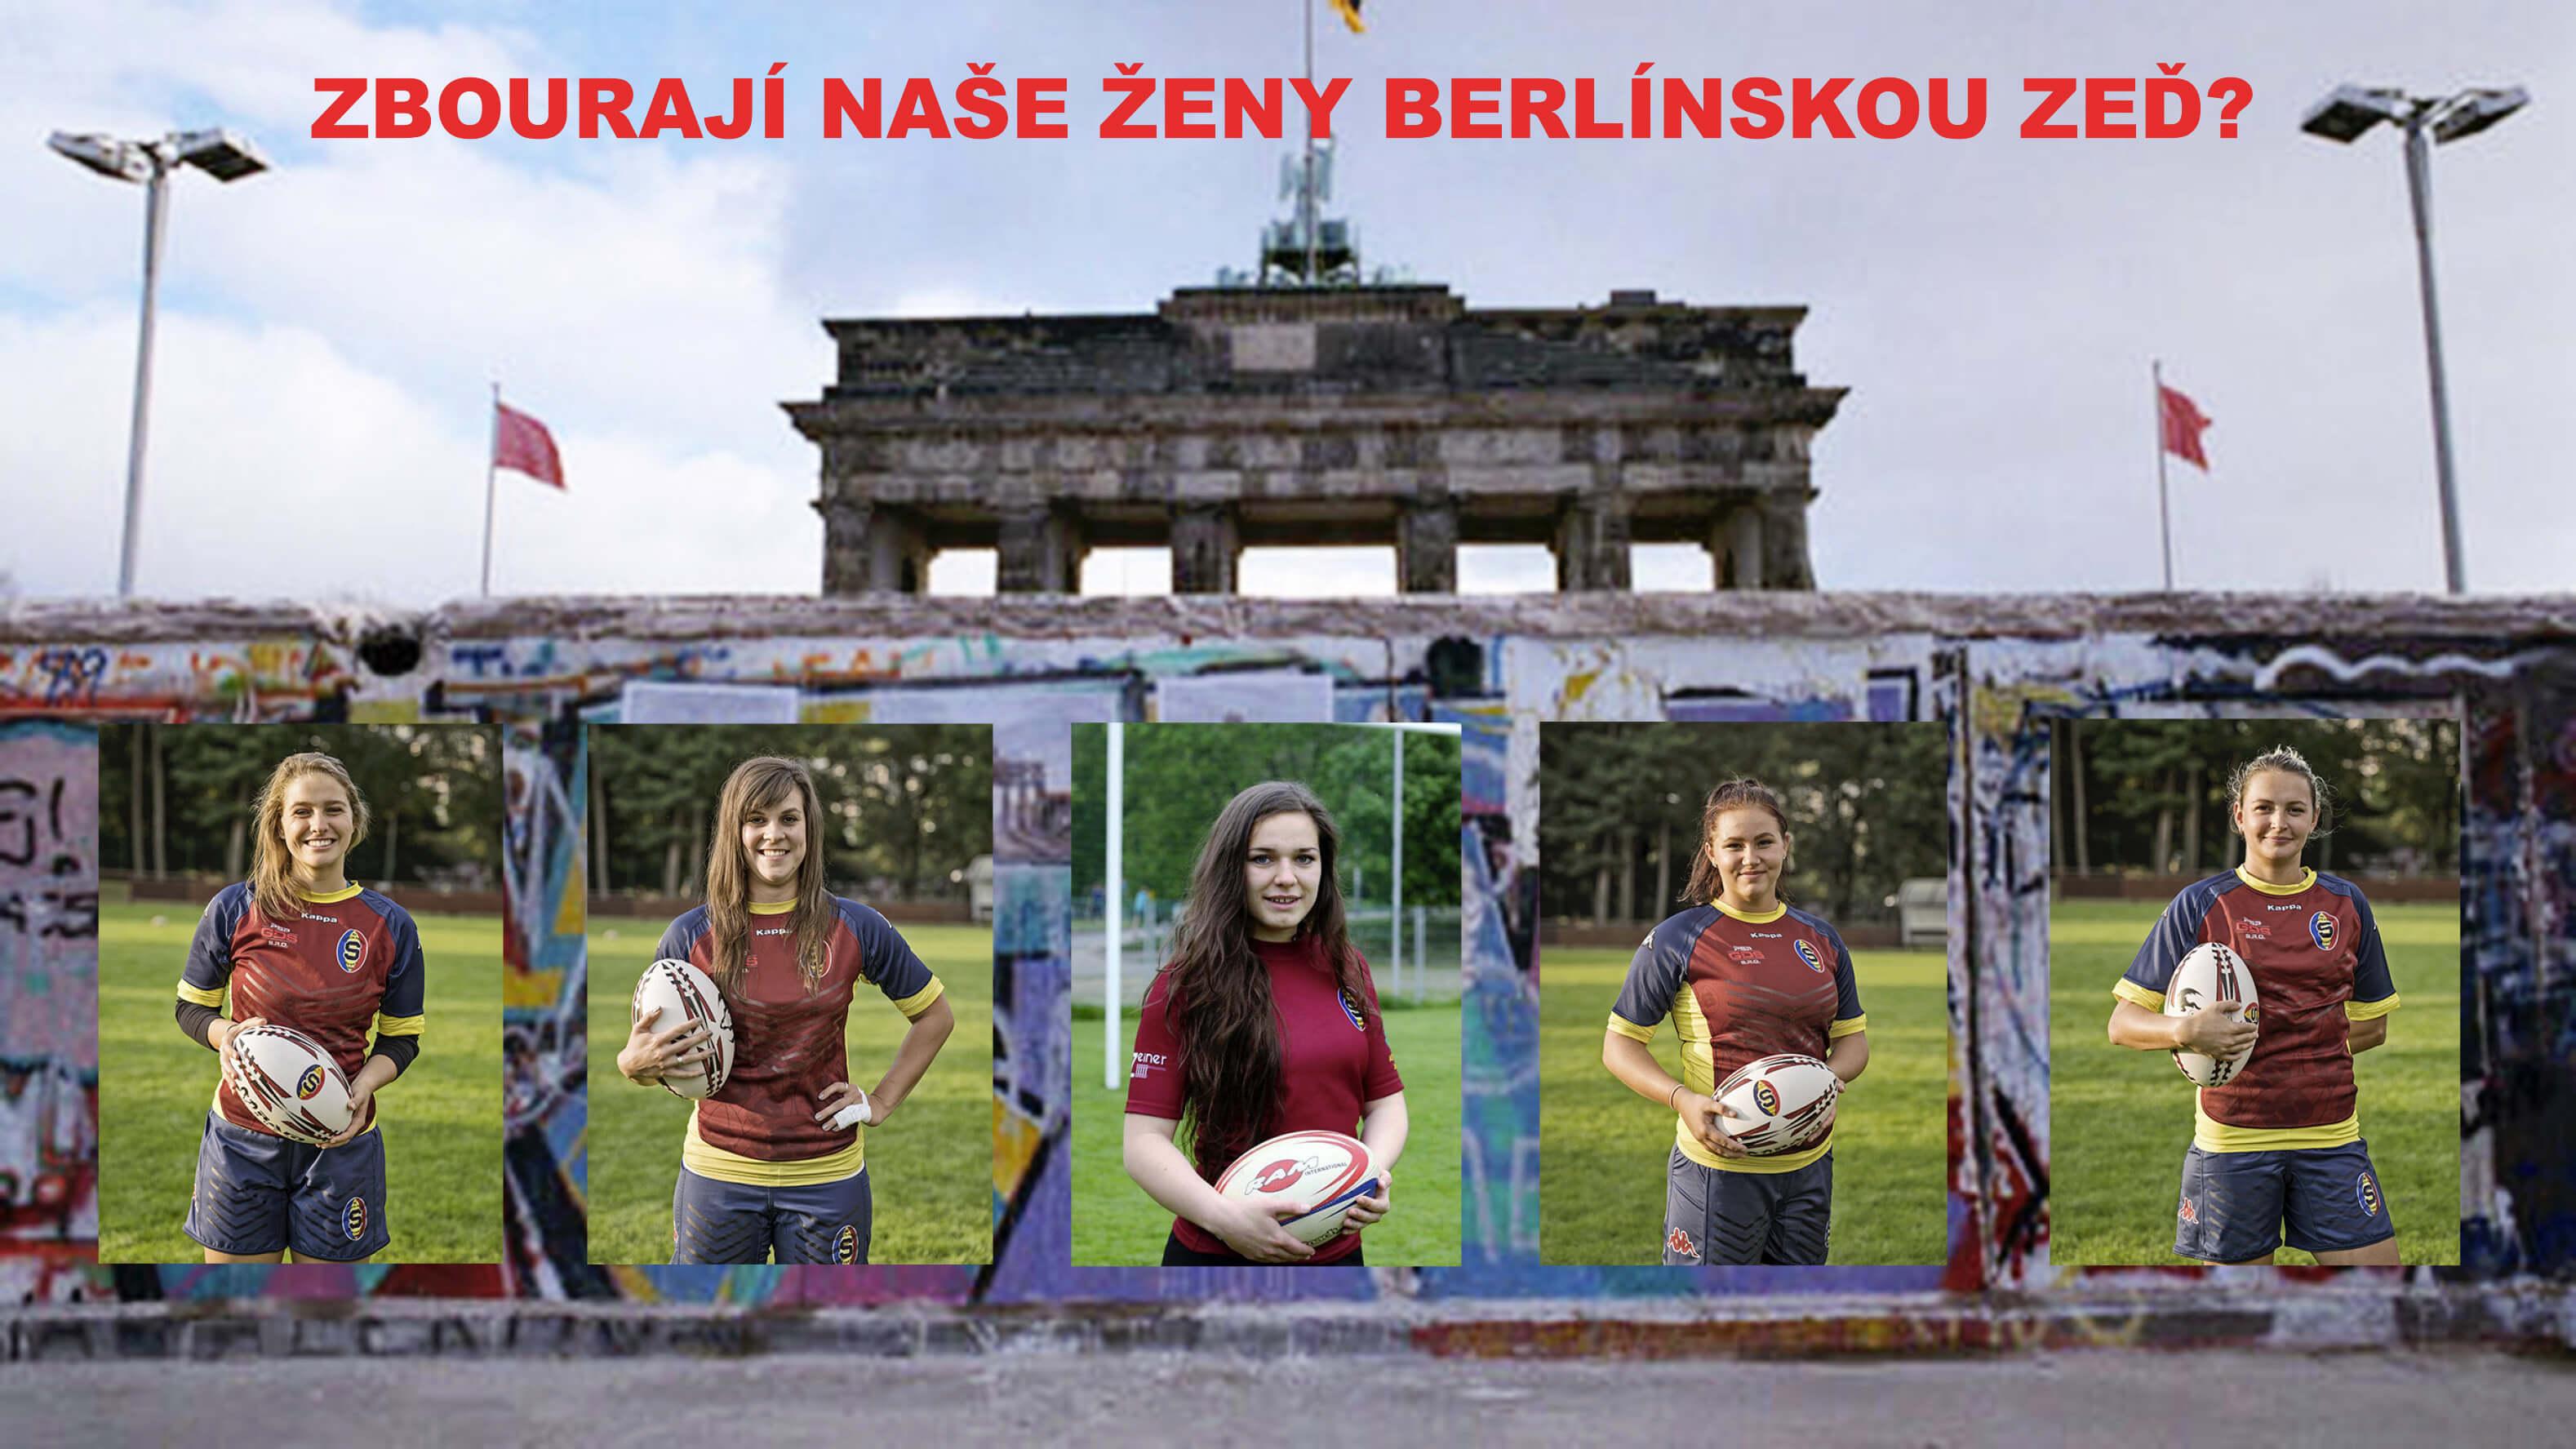 Zbourají naše ženy Berlínskou zeď?